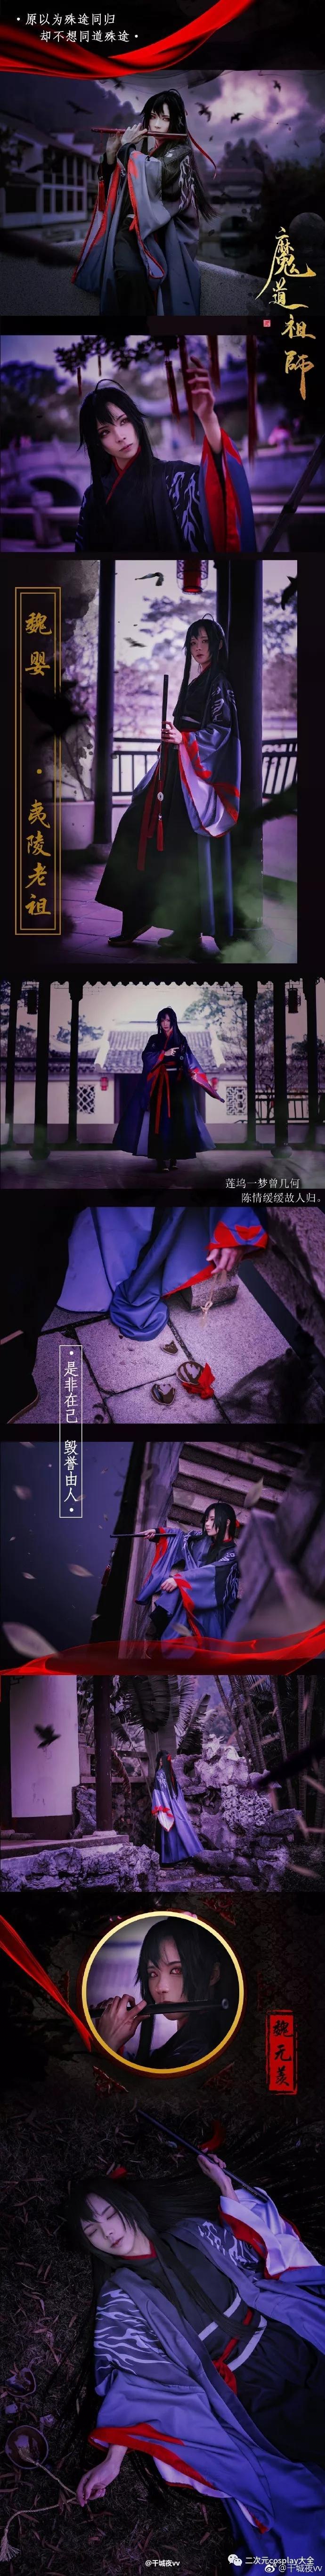 动漫 正文  魏无羡,《魔道祖师》中的男主角,俊朗洒脱,称之为夷陵老祖